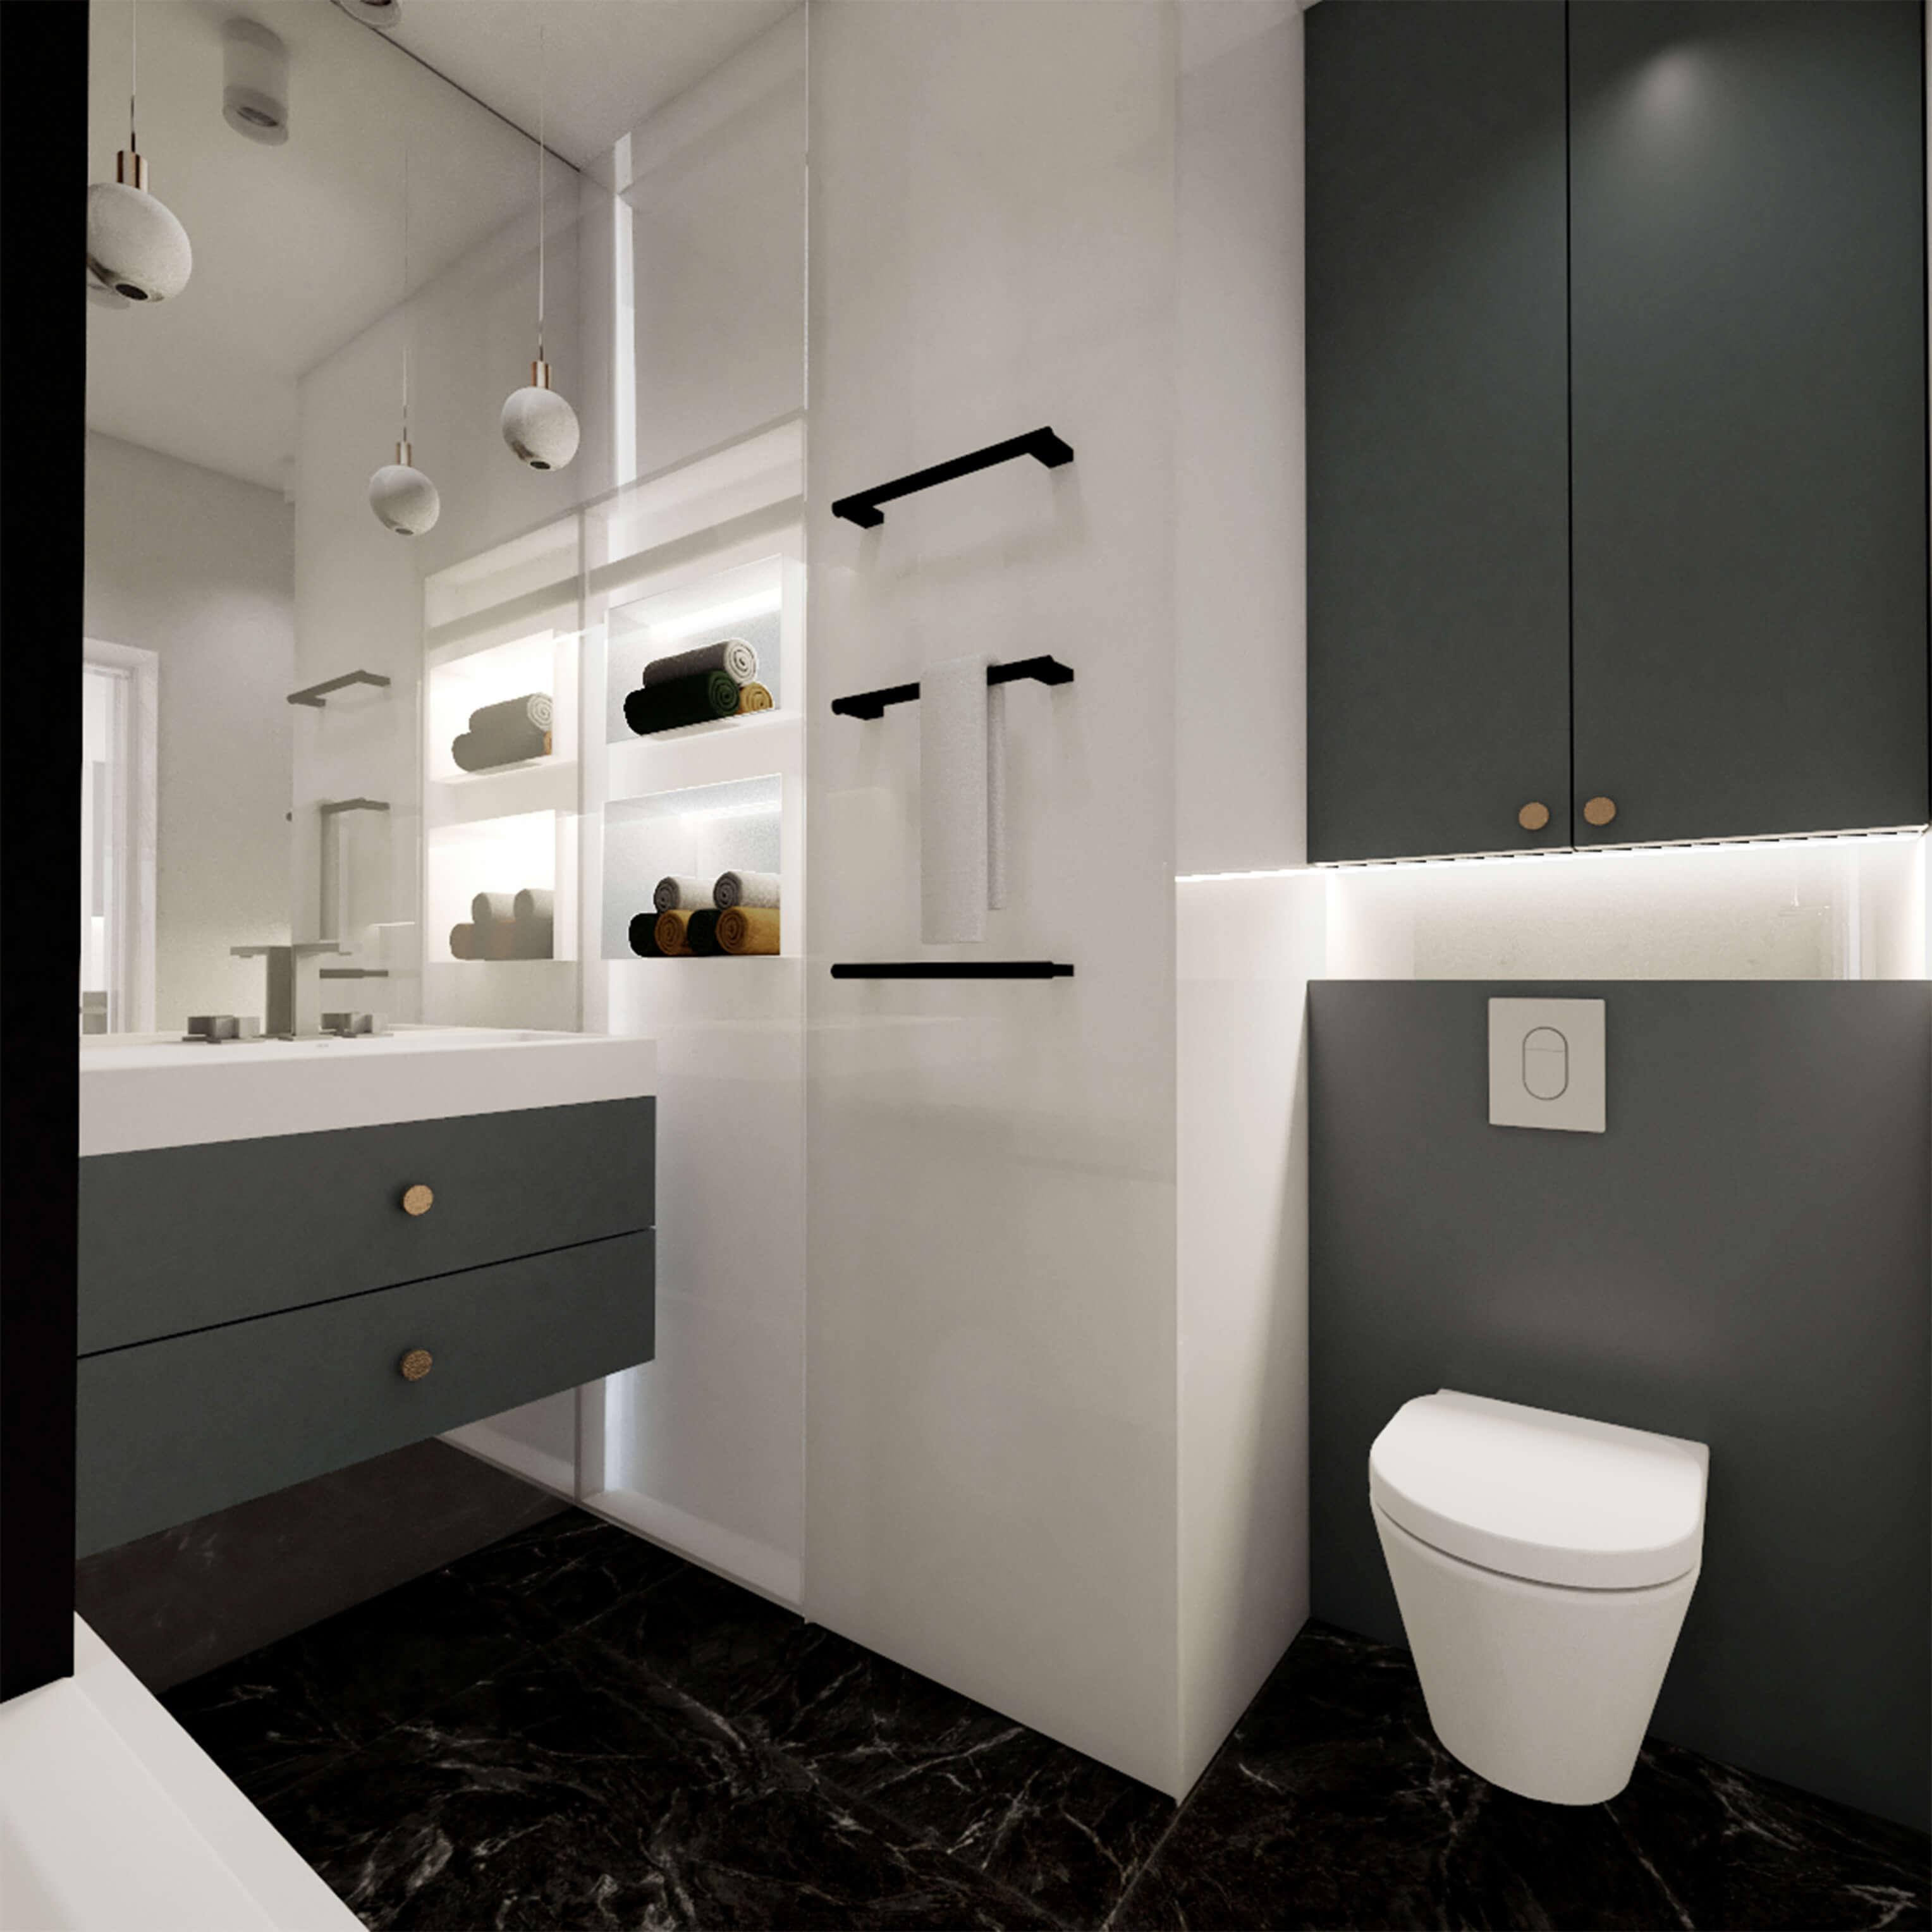 łazienka z granatową zabudową i dużym lustrem